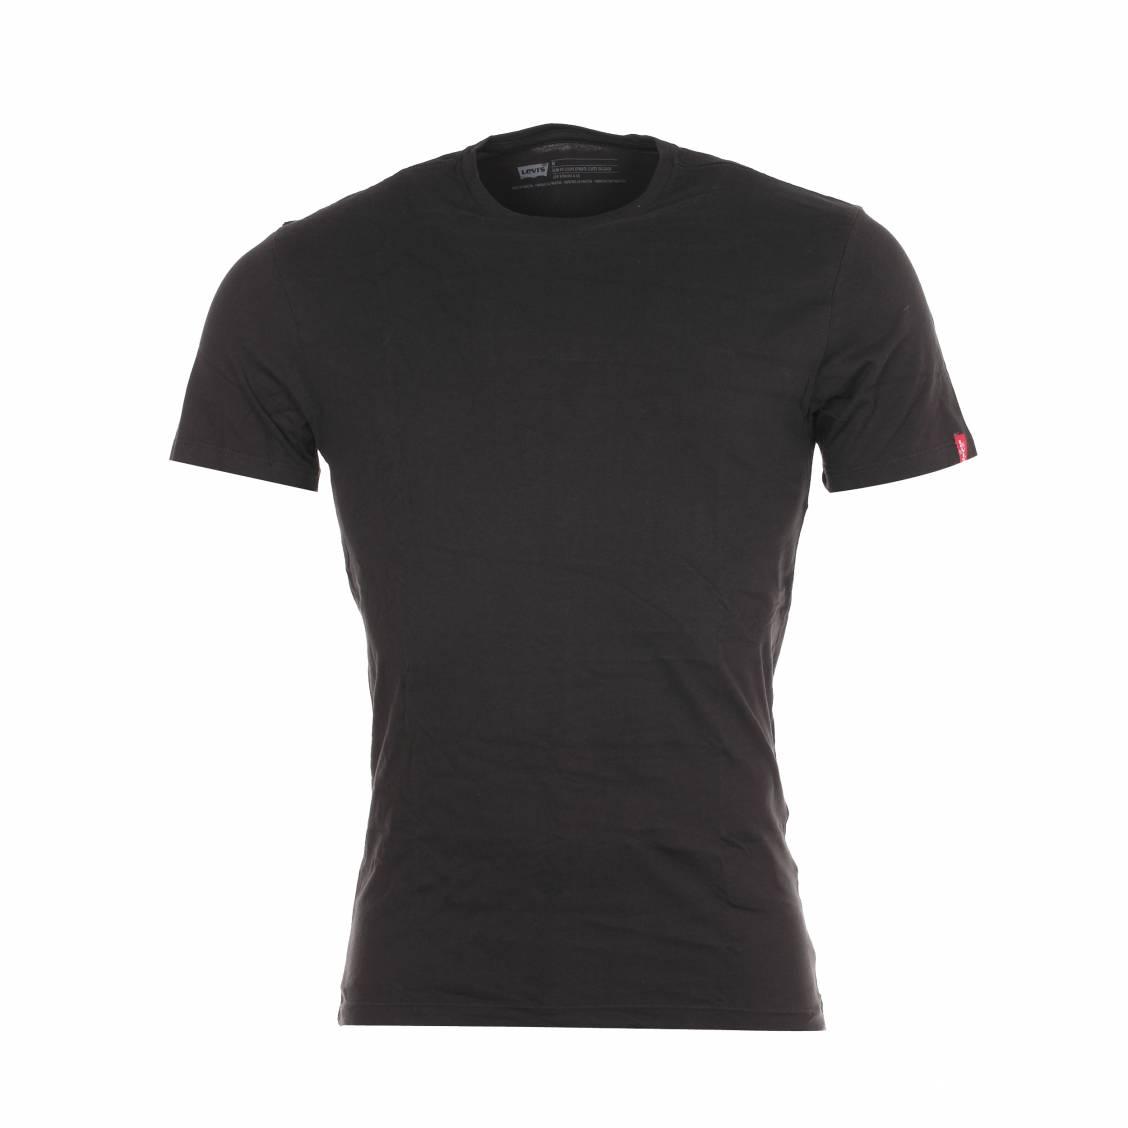 lot de 2 tee shirts noirs levis col rond en coton rue. Black Bedroom Furniture Sets. Home Design Ideas